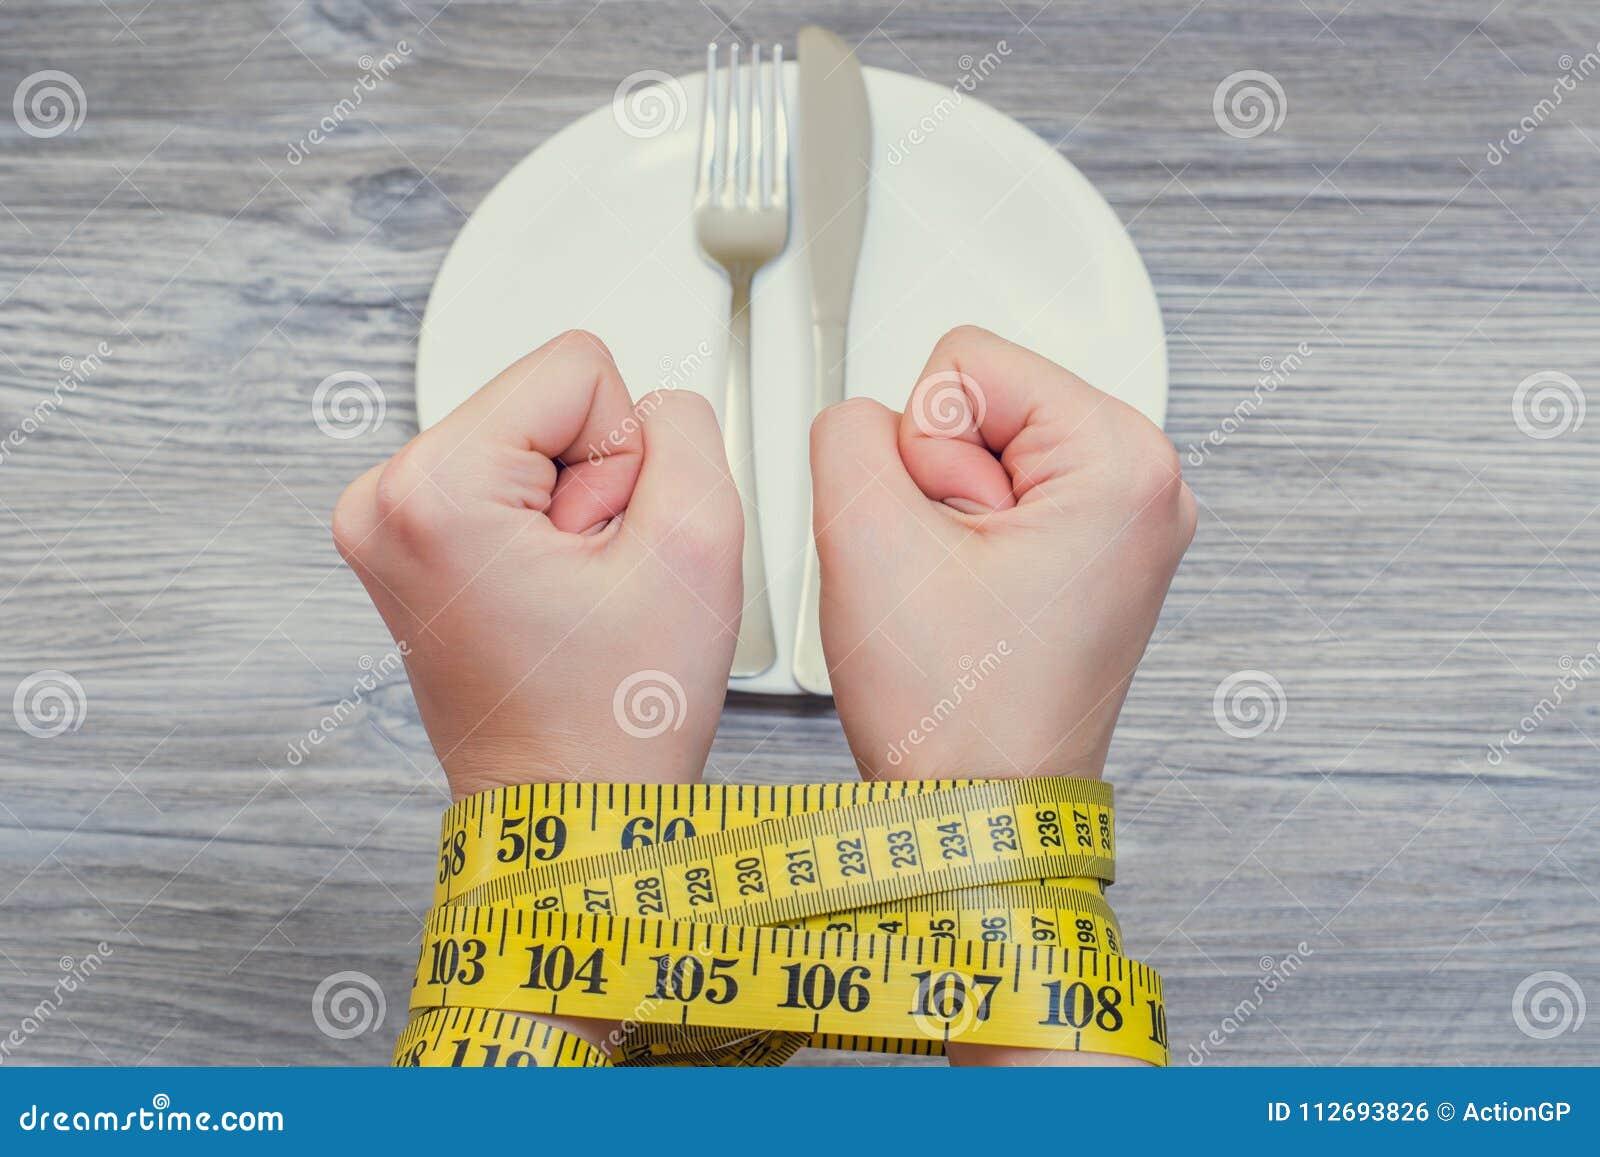 健康身体关心不健康吃节食的饿减重减肥 坏食物habbits和不健康吃的概念 妇女`